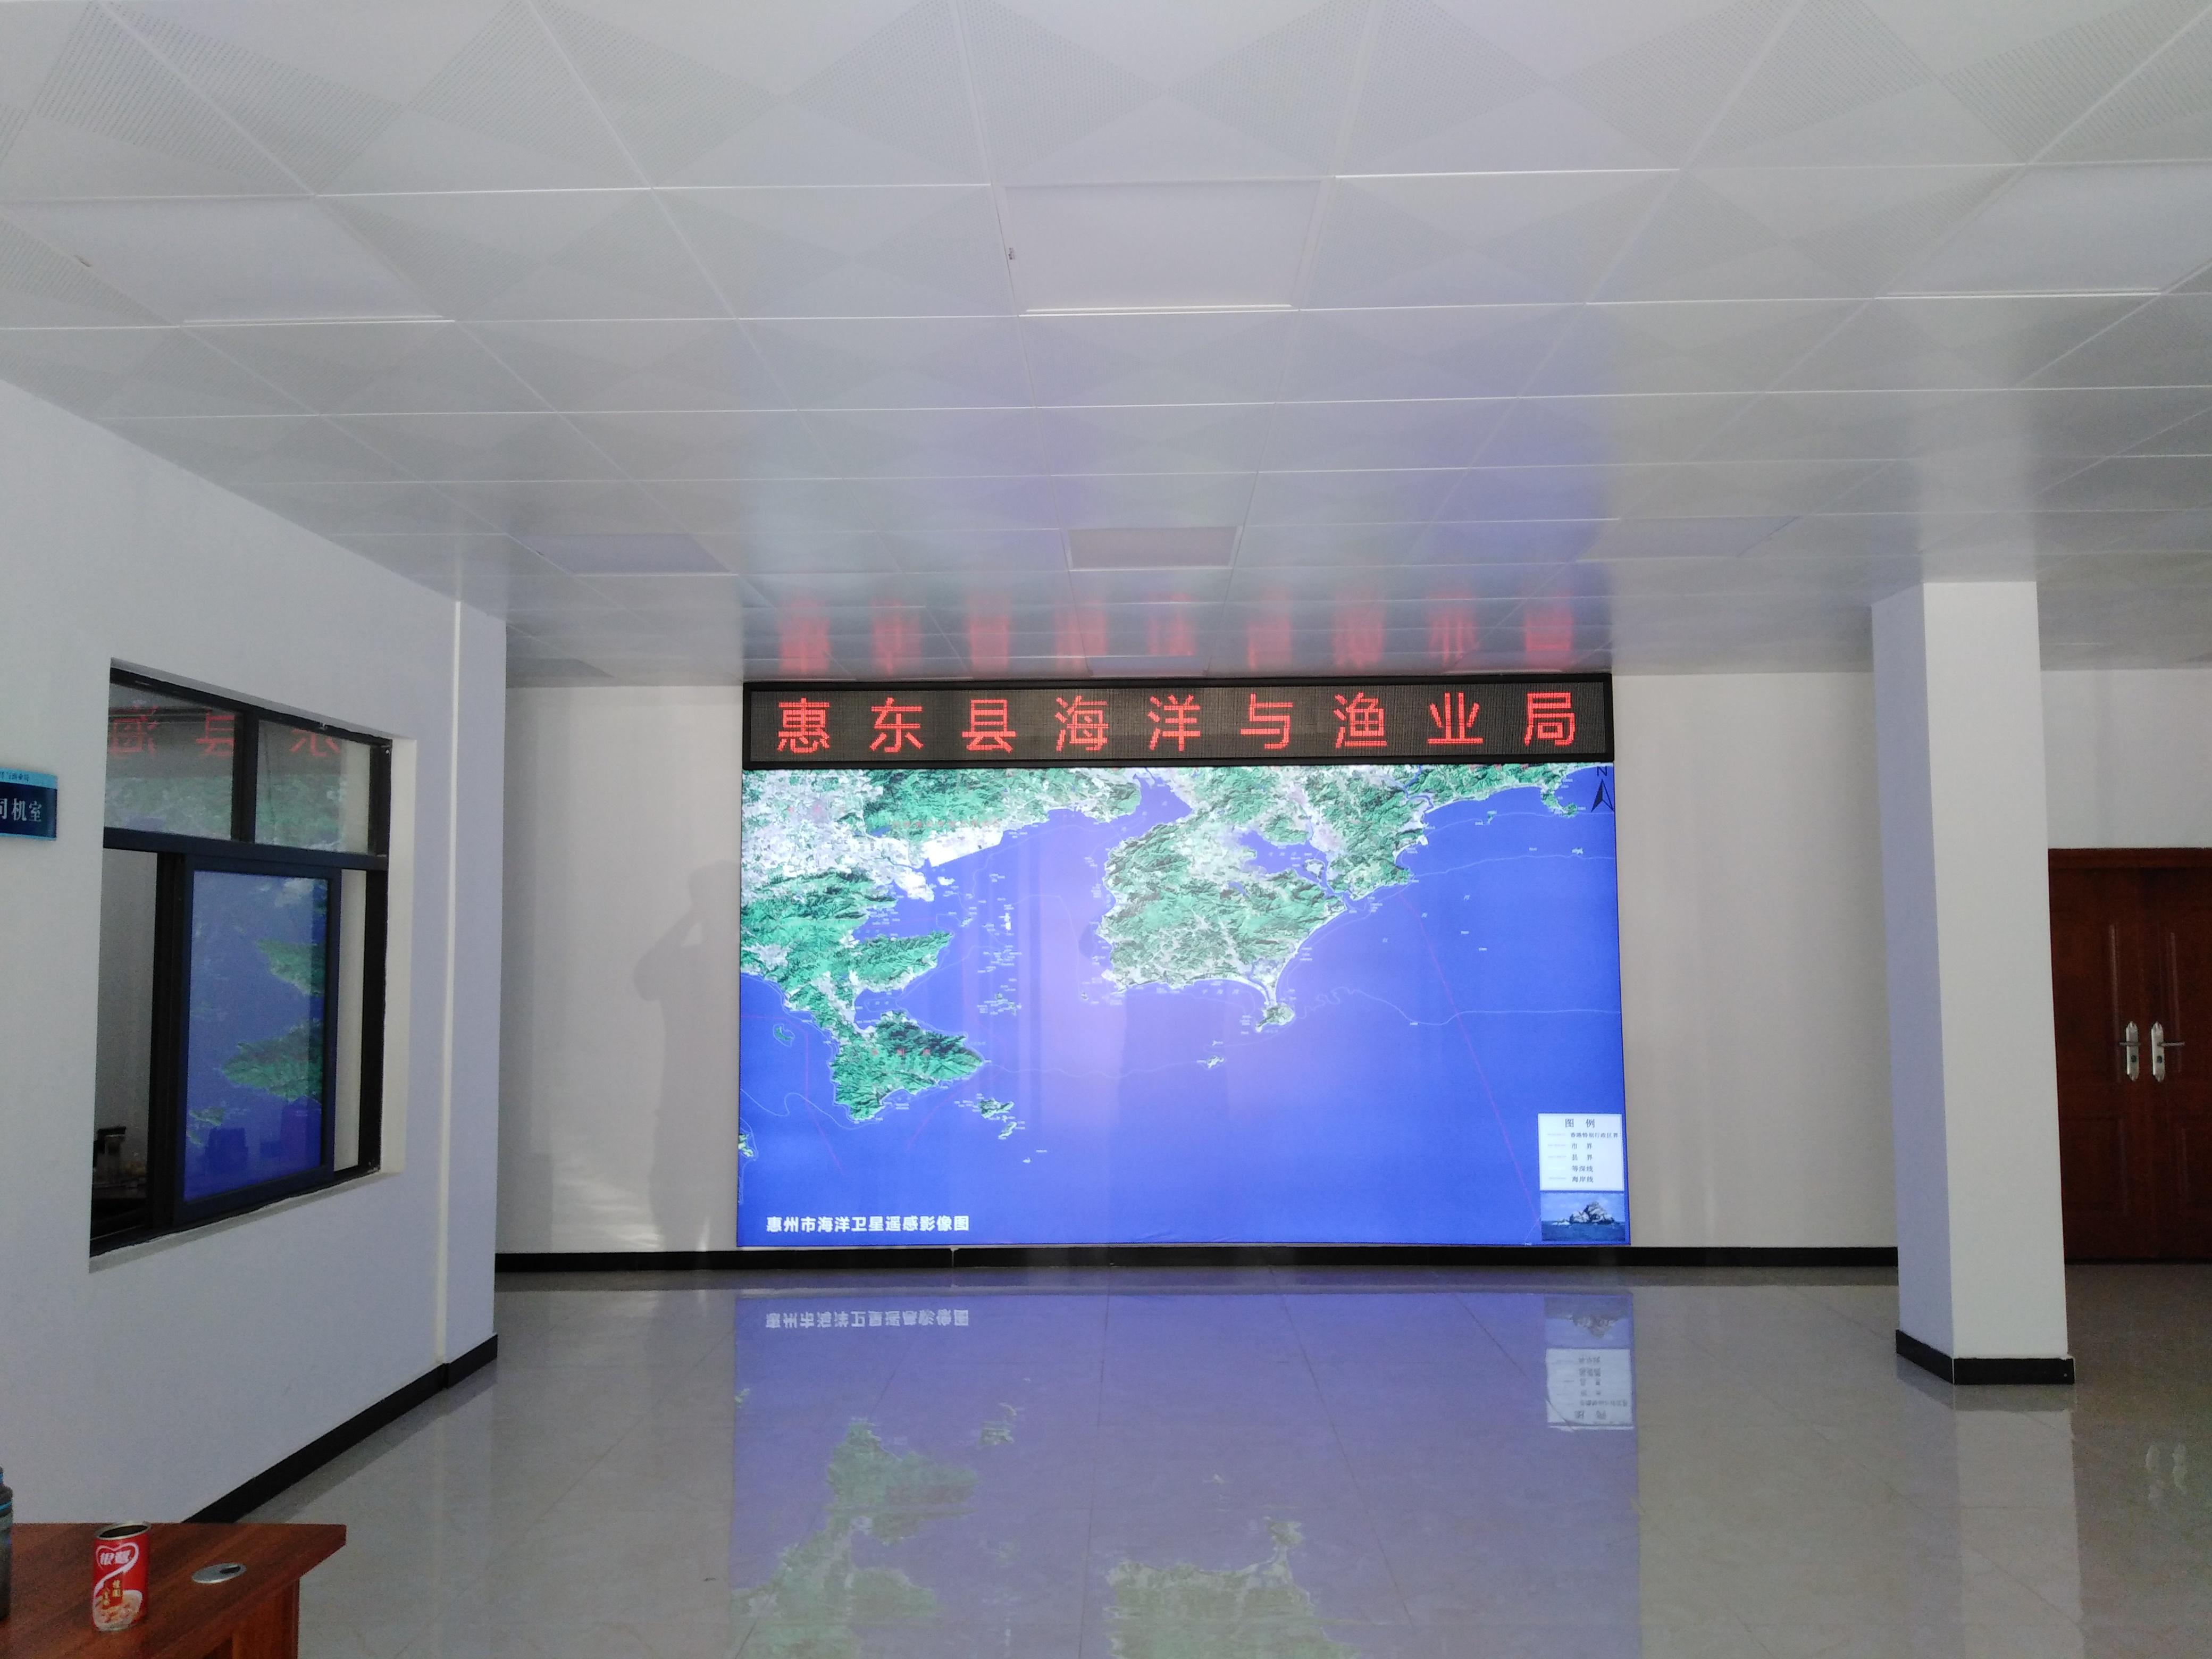 京邦电子(KING-BANG)会议系统进驻惠东县海洋与渔业局